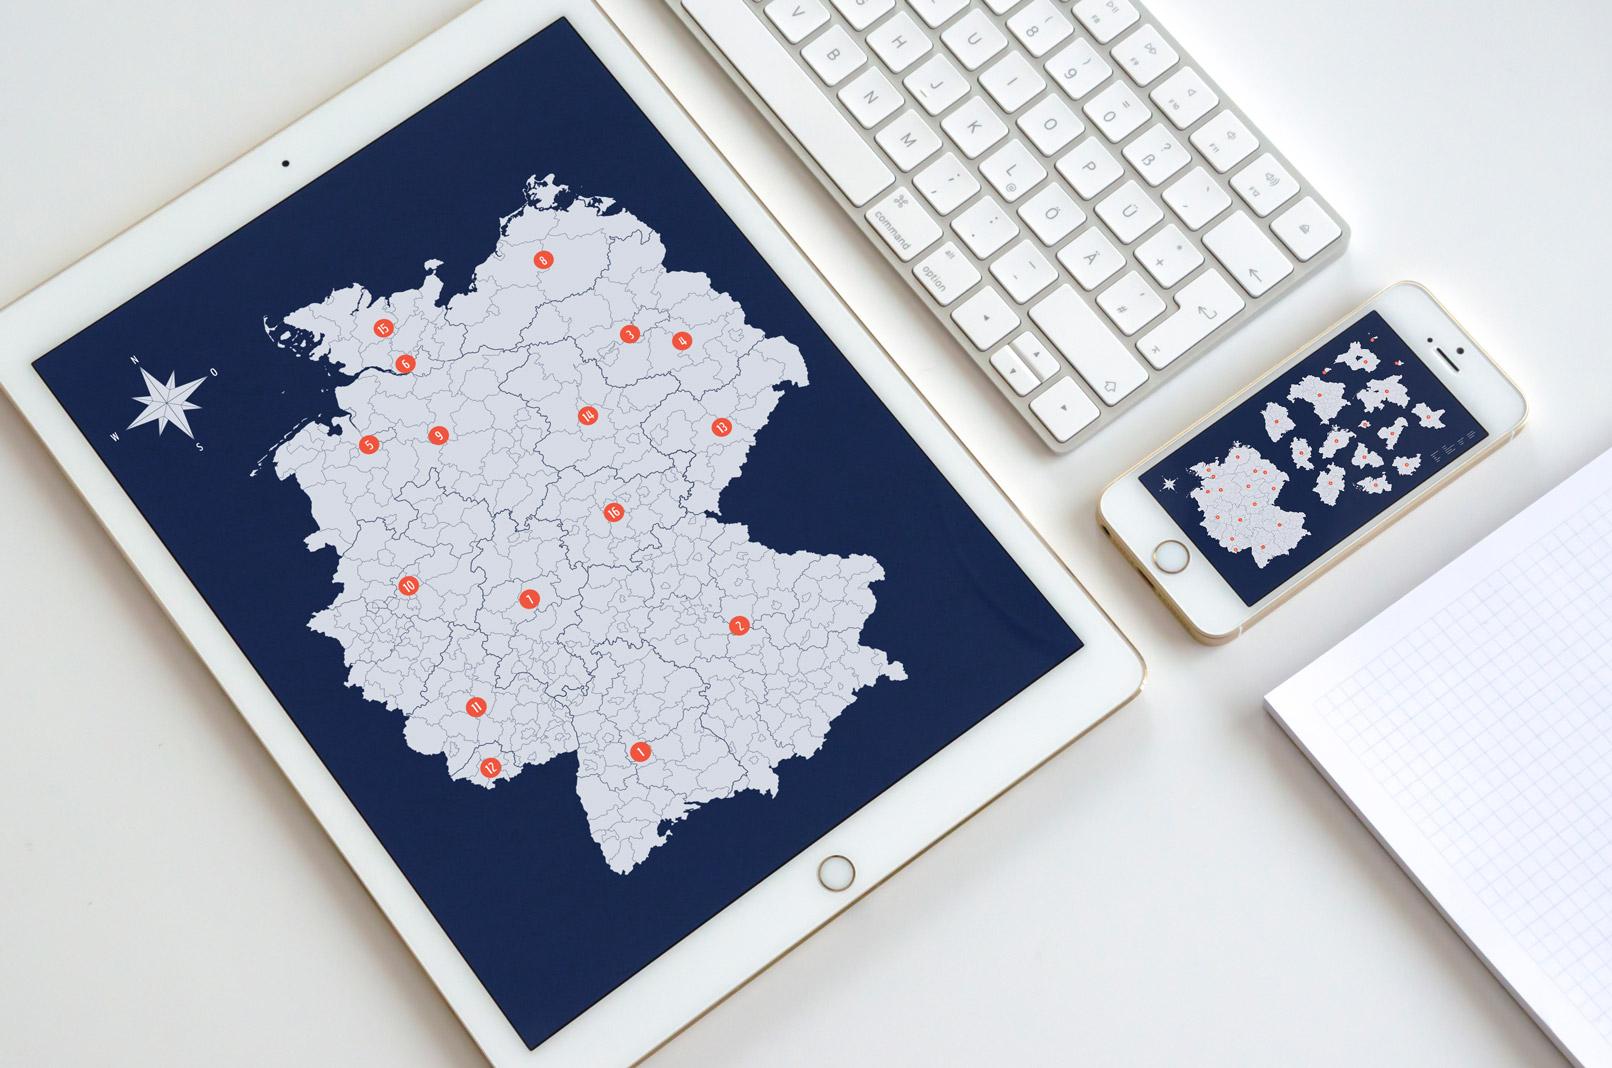 Vektorbasierte Deutschlandkarte, angezeigt auf einem Tablet und einem Smartphone.